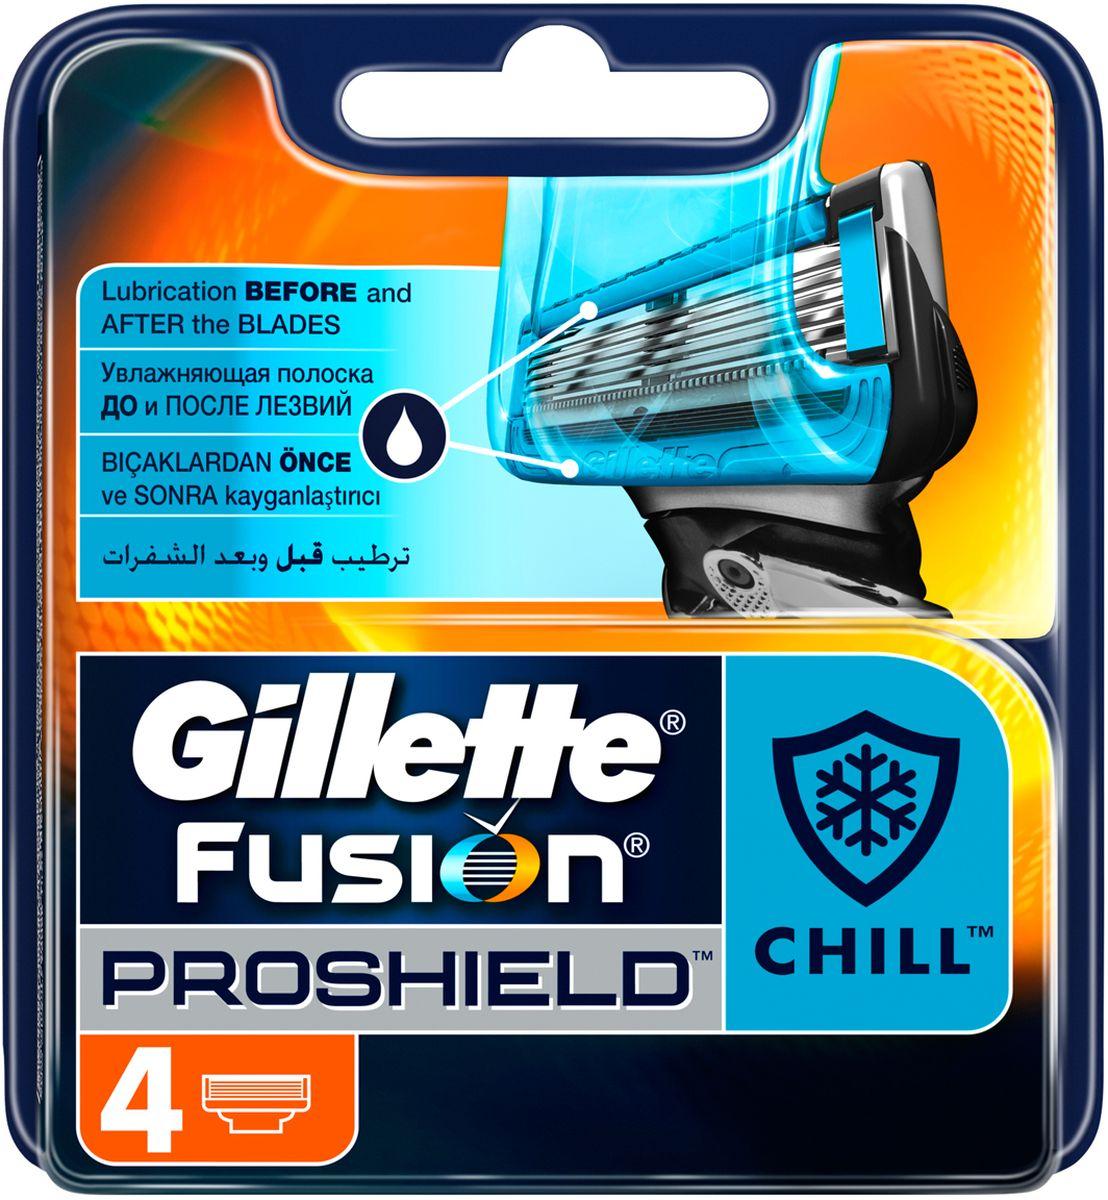 Gillette Сменные кассеты для мужской бритвы Fusion ProShield Chill, 4шт7702018412518Смазывающие полоски до и после лезвий защищают от раздражения во время бритья.